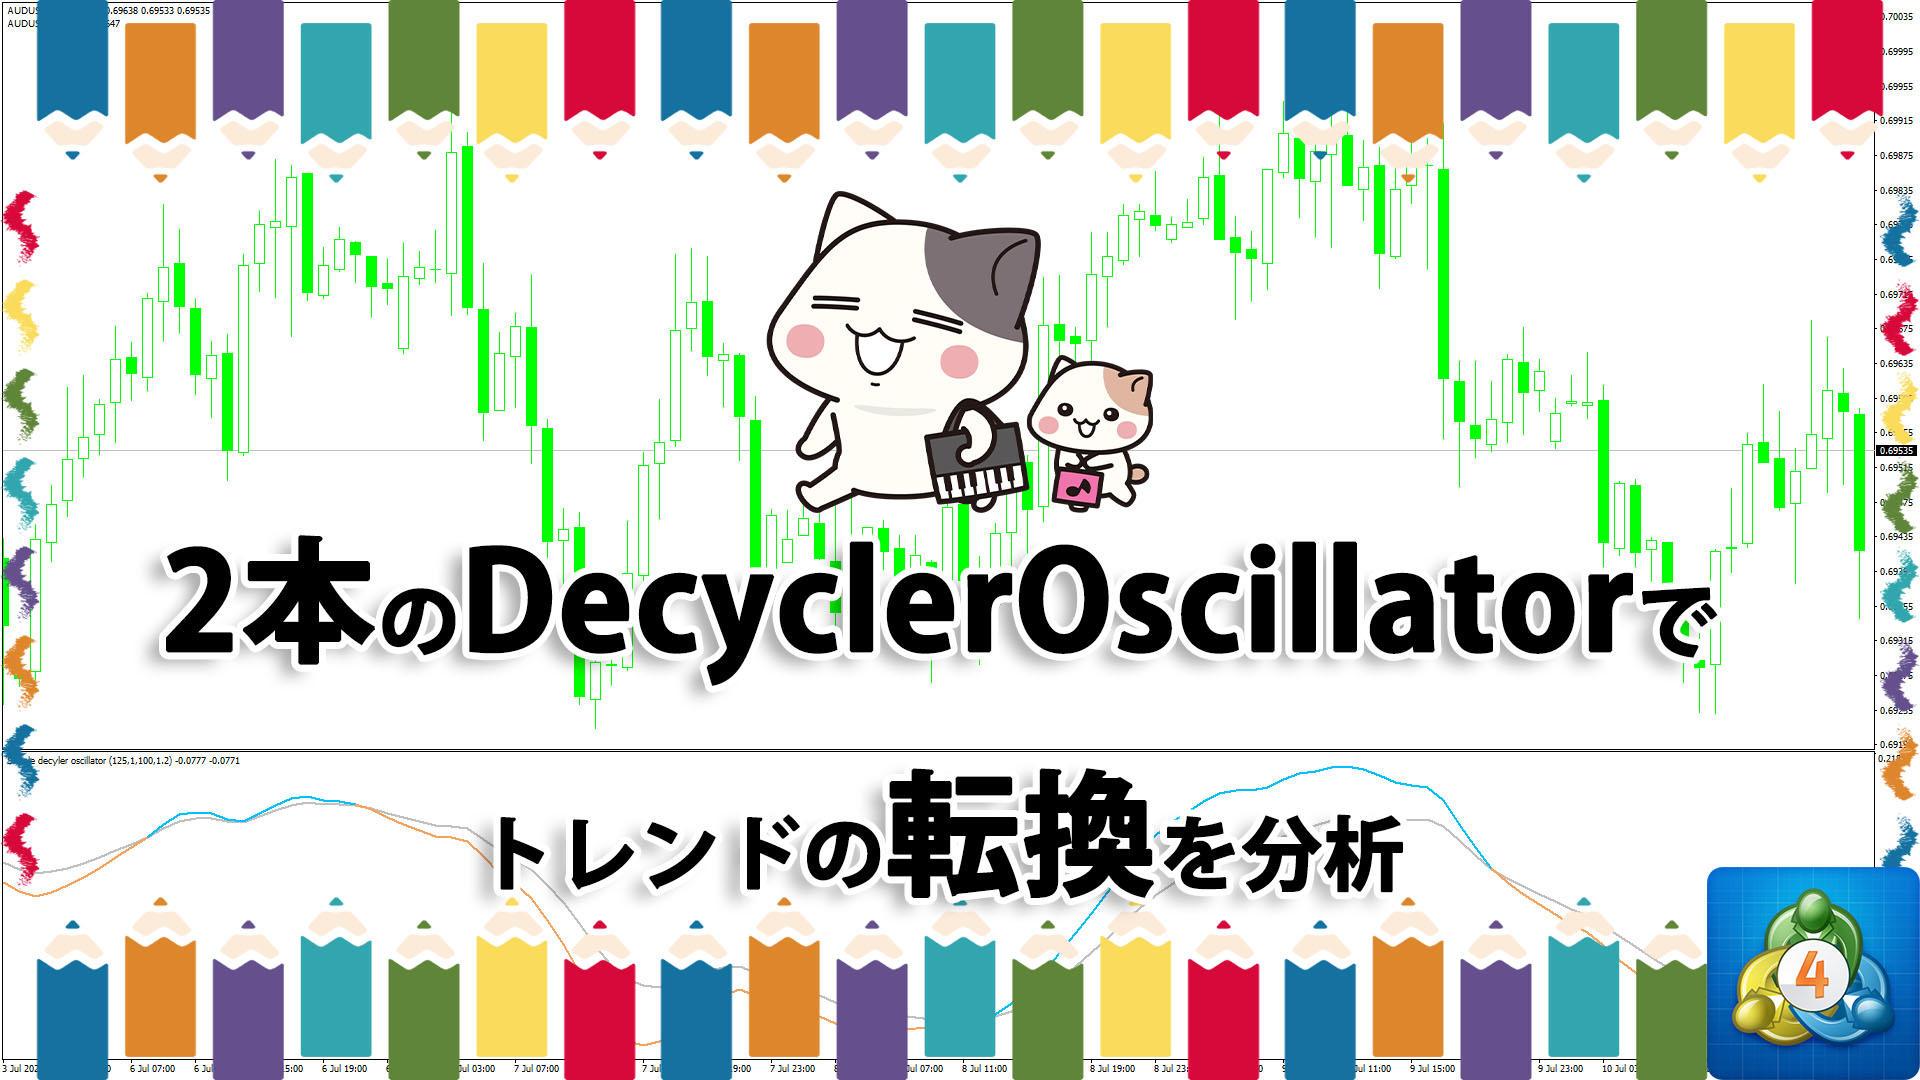 2つのDecycler_Oscillatorでトレンドの転換を表示するMT4インジケーター「Simple_Decycler_Oscillator」